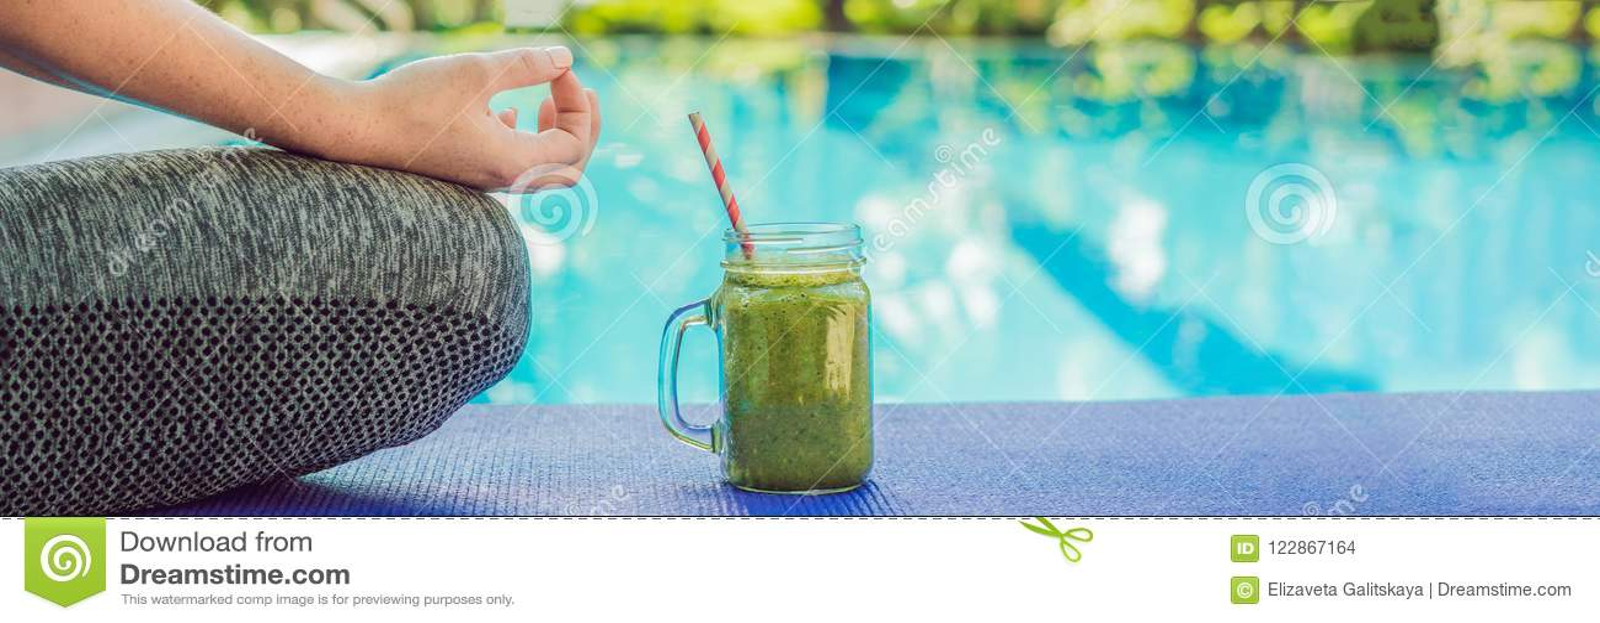 妇女` s手的特写镜头在与的凝思时菠菜、桔子和香蕉绿色圆滑的人在水池B的背景